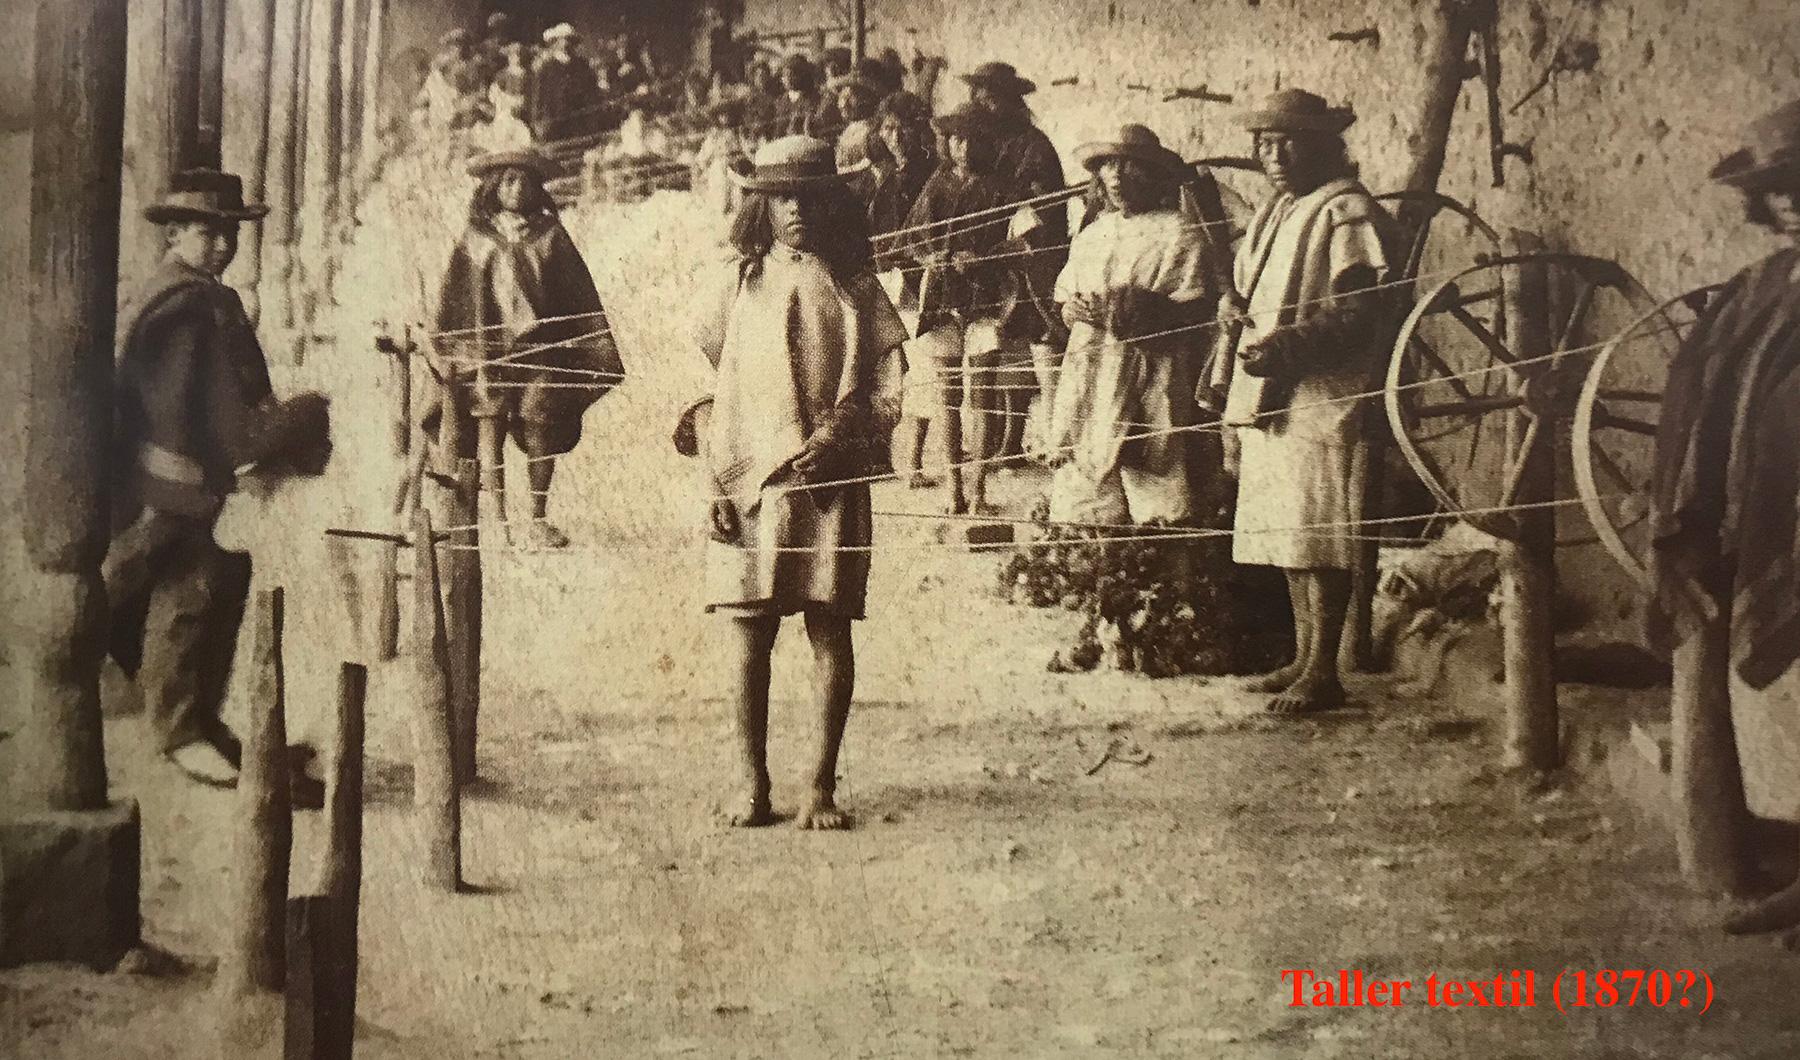 esclavos-o-trabajadores-historia-y-presente